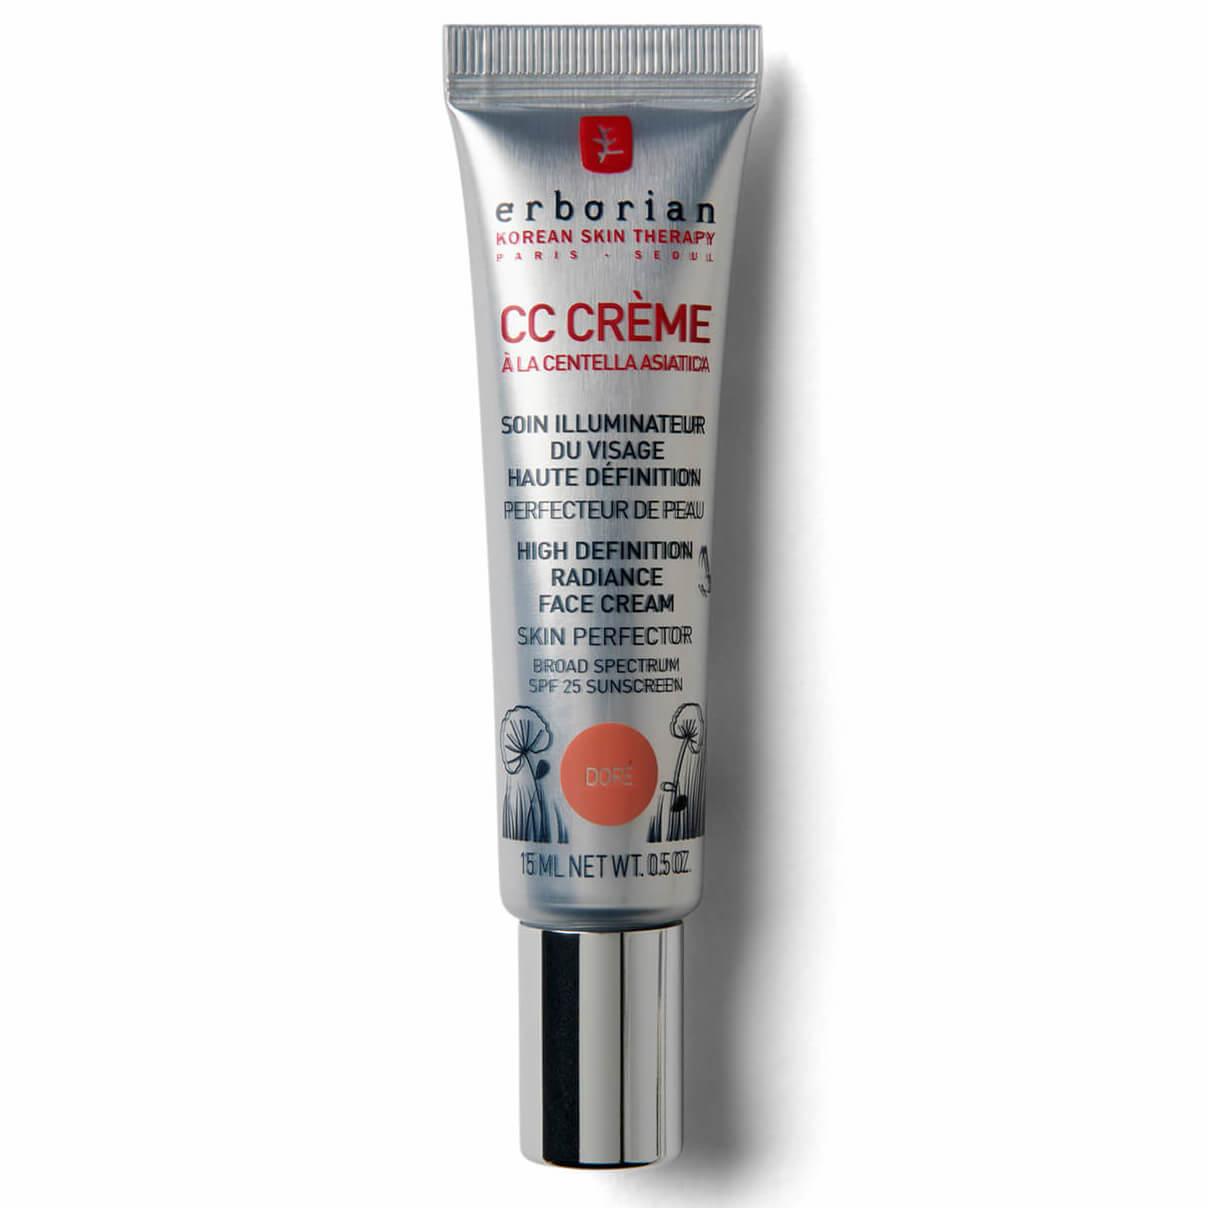 Erborian CC Cream 15ml (Various Shades) - Dore